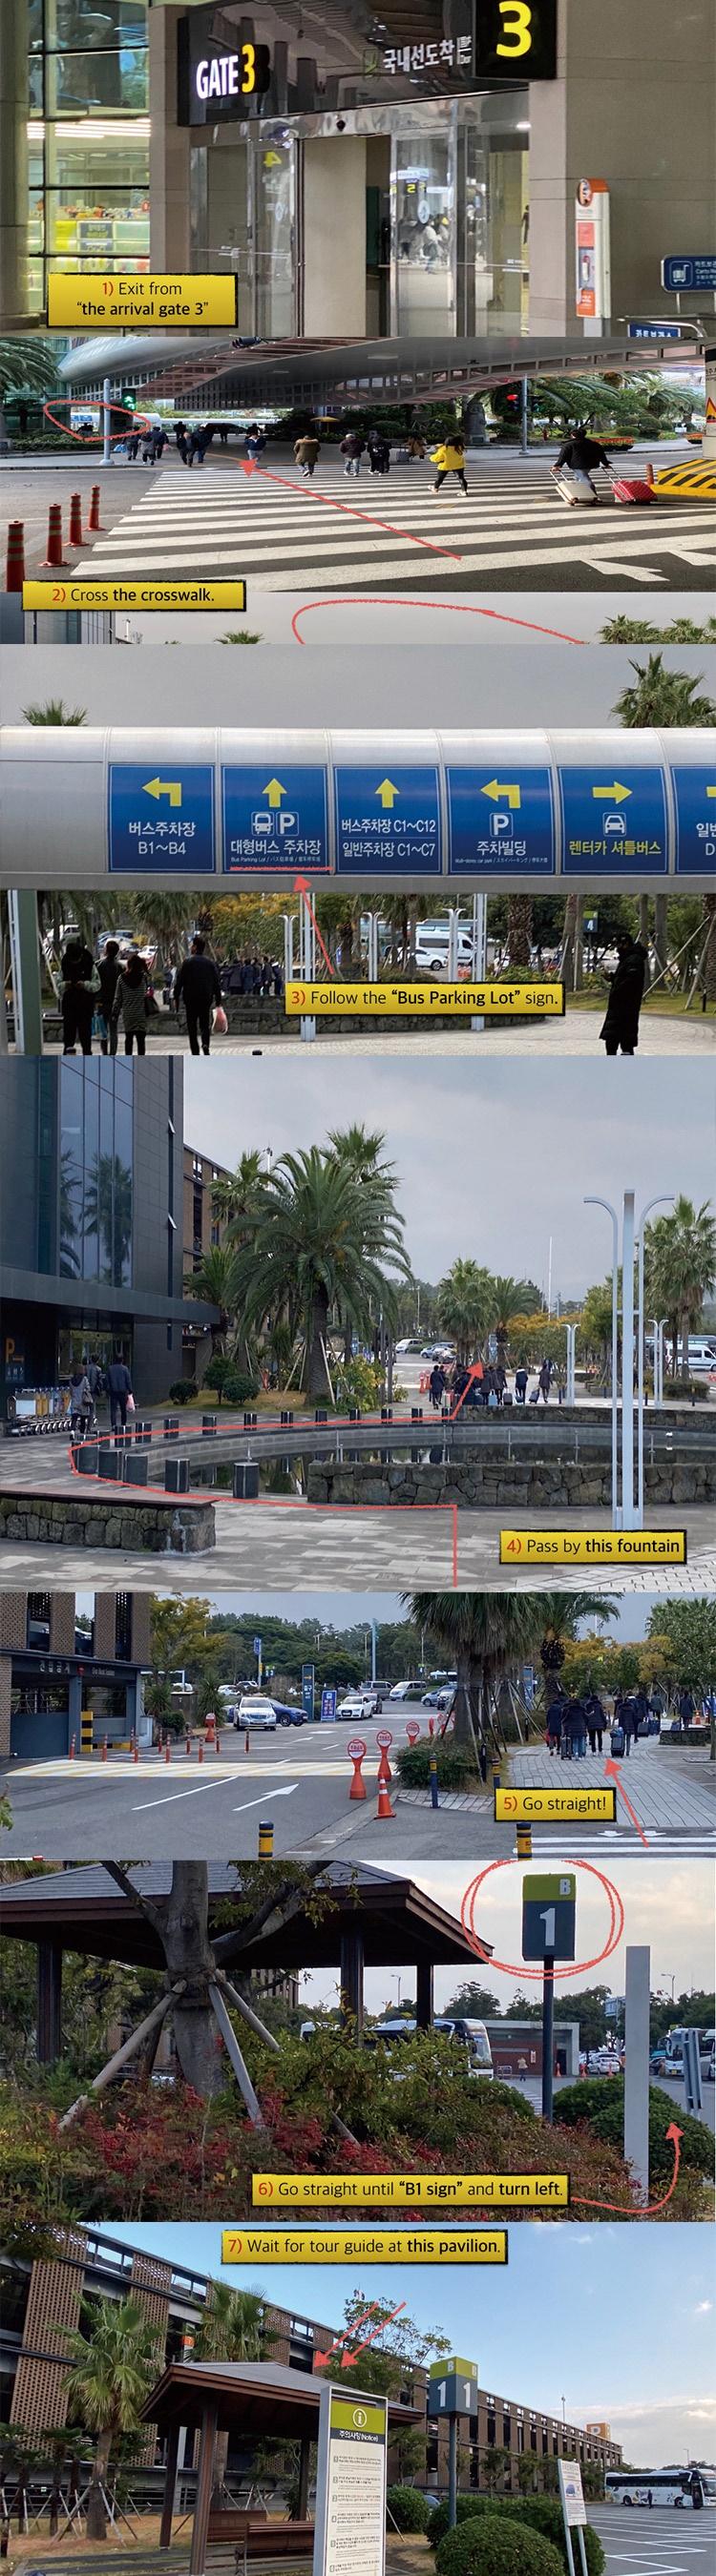 jeju-tour-and-snap-shot_map.jpg